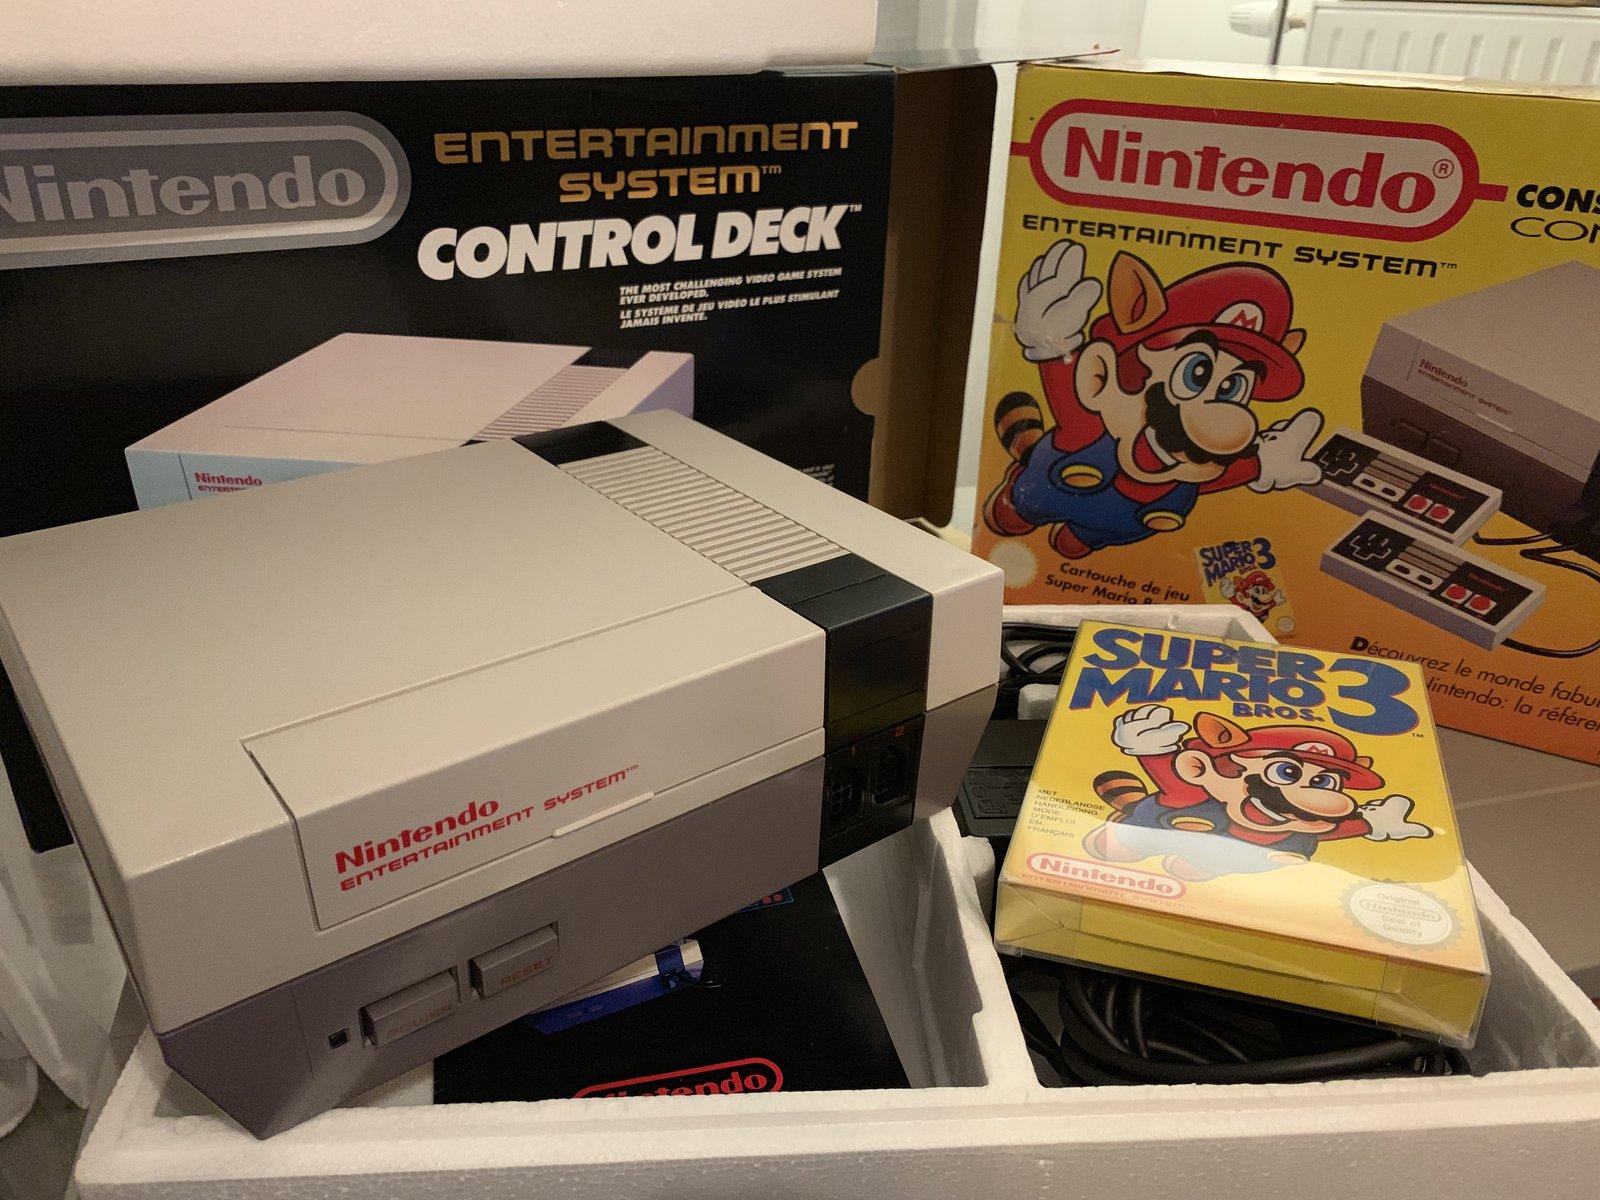 [VDS] Pack NES Action Set - Mario 3 - PSP Simpsons... Consoles en pack complet 191007045452925621